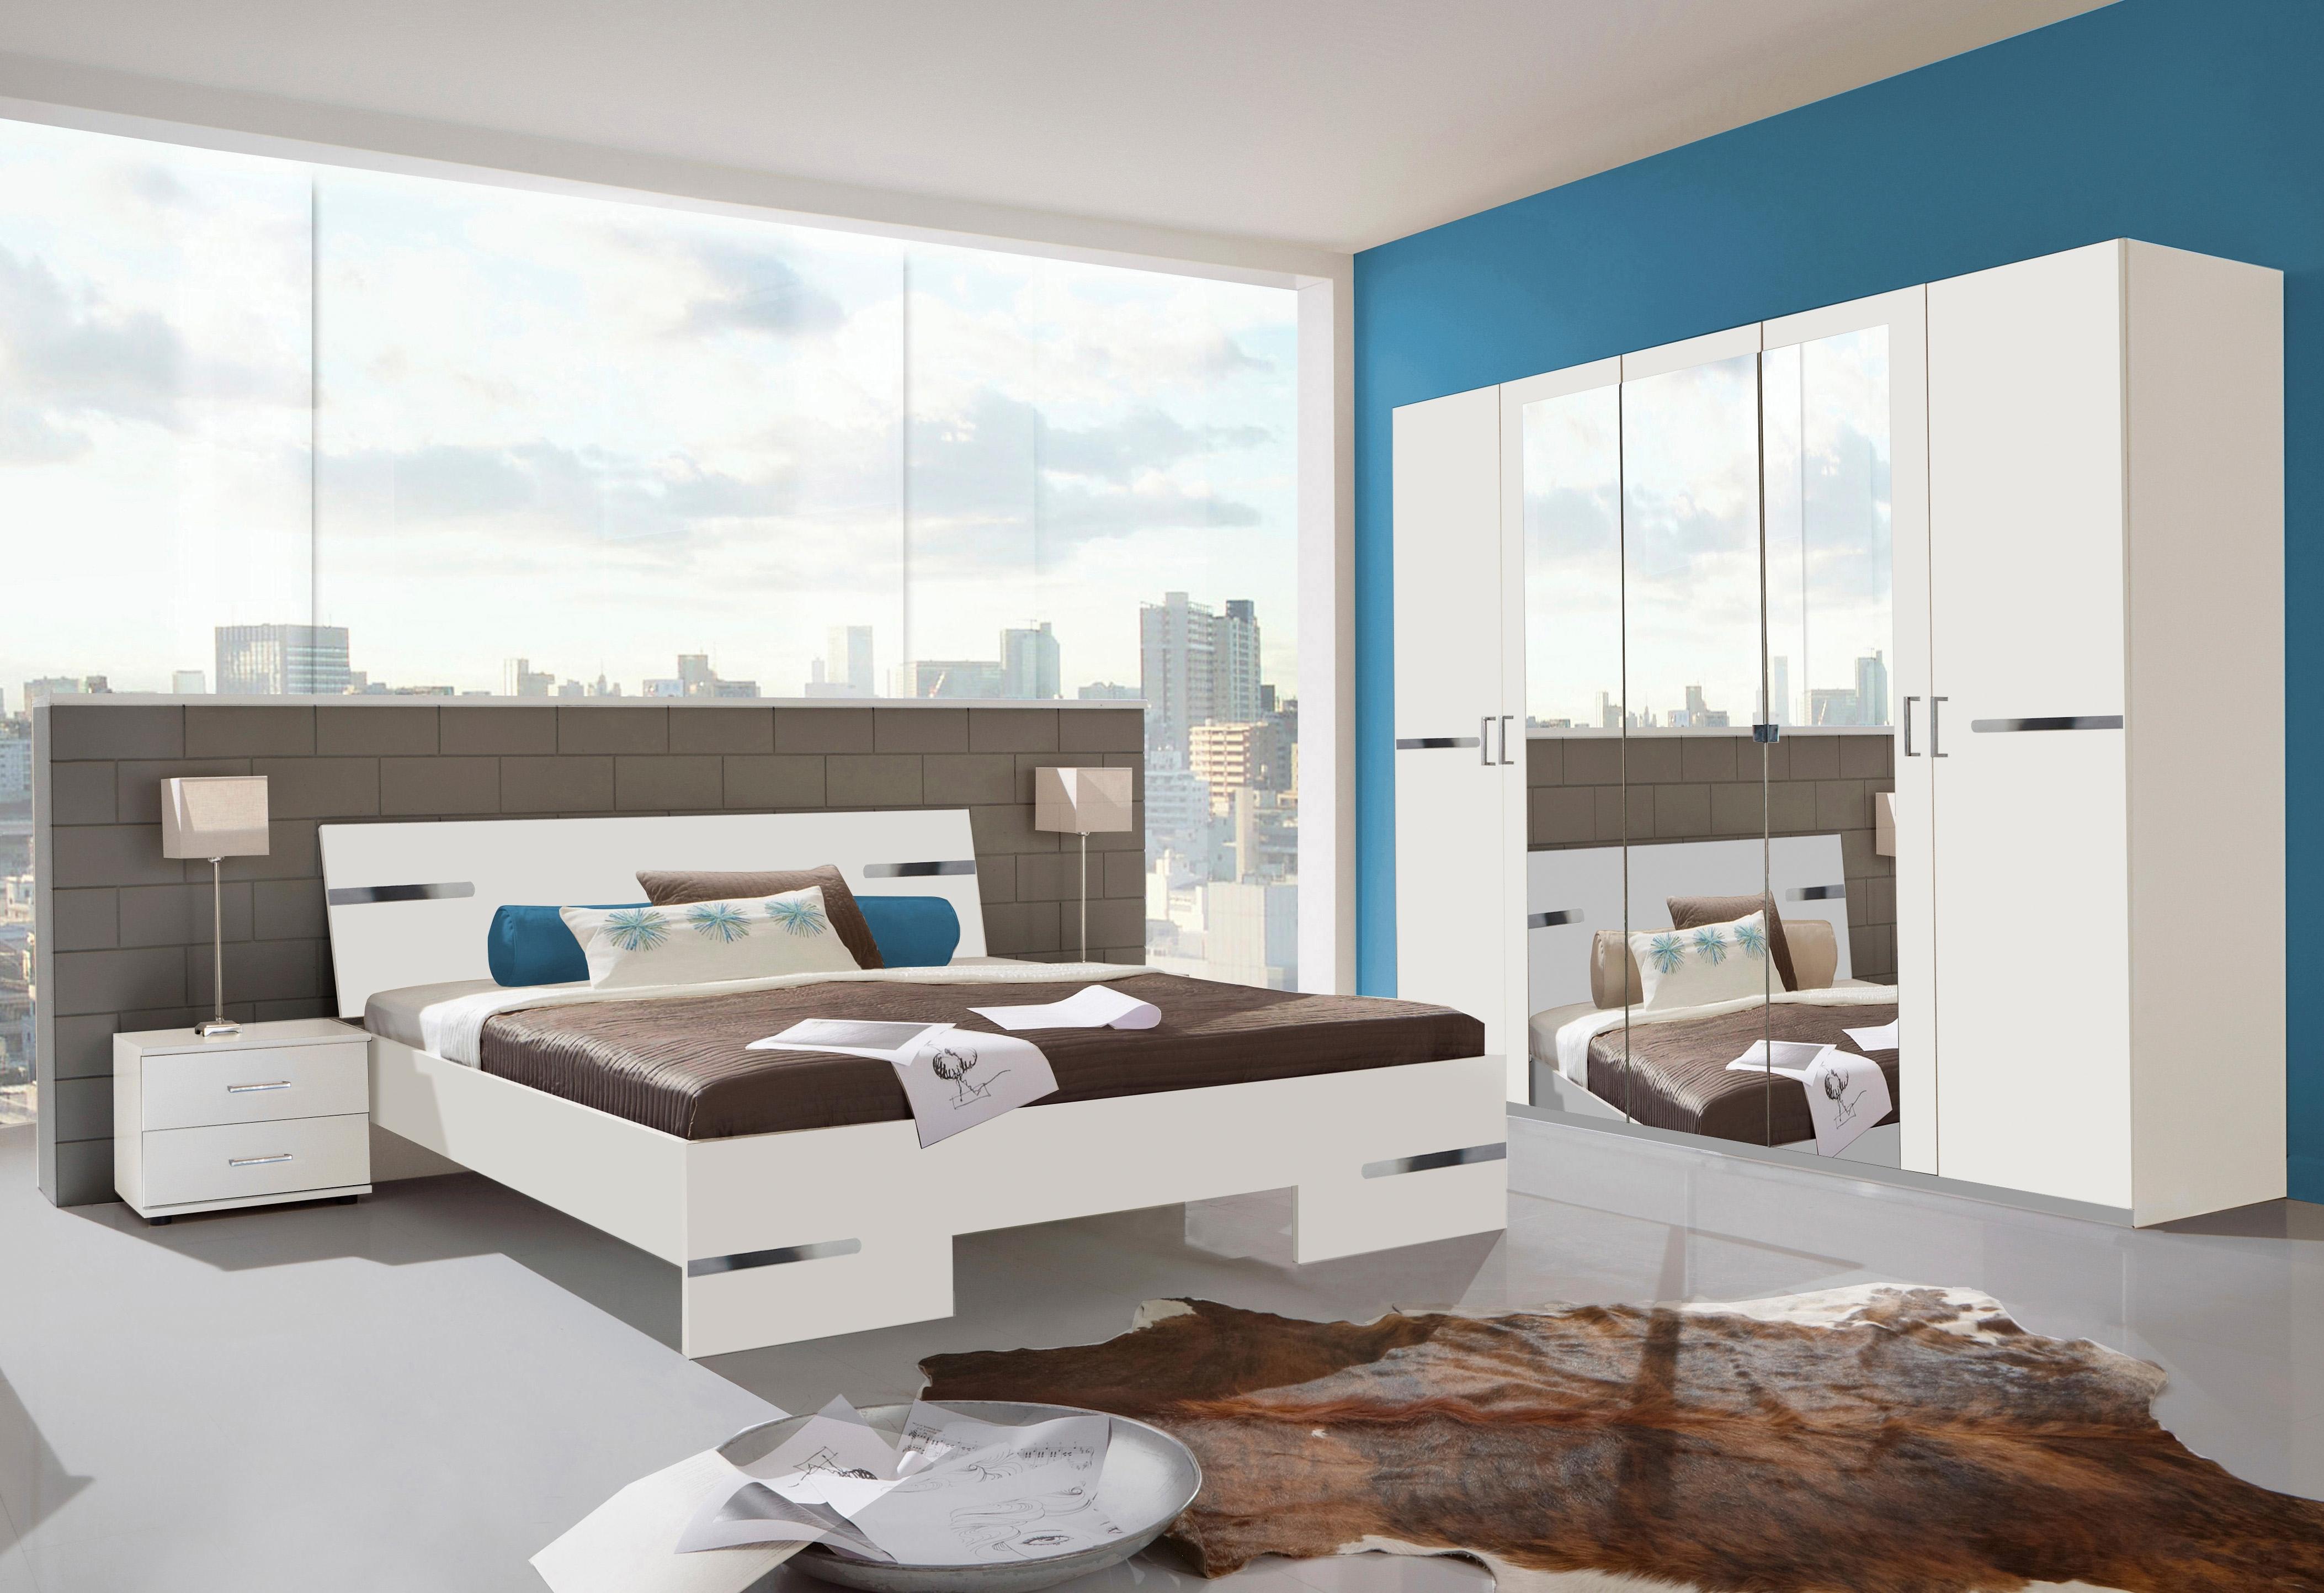 Complete Slaapkamer Kopen : Complete slaapkamer online bestellen? dat doe je in onze shop otto